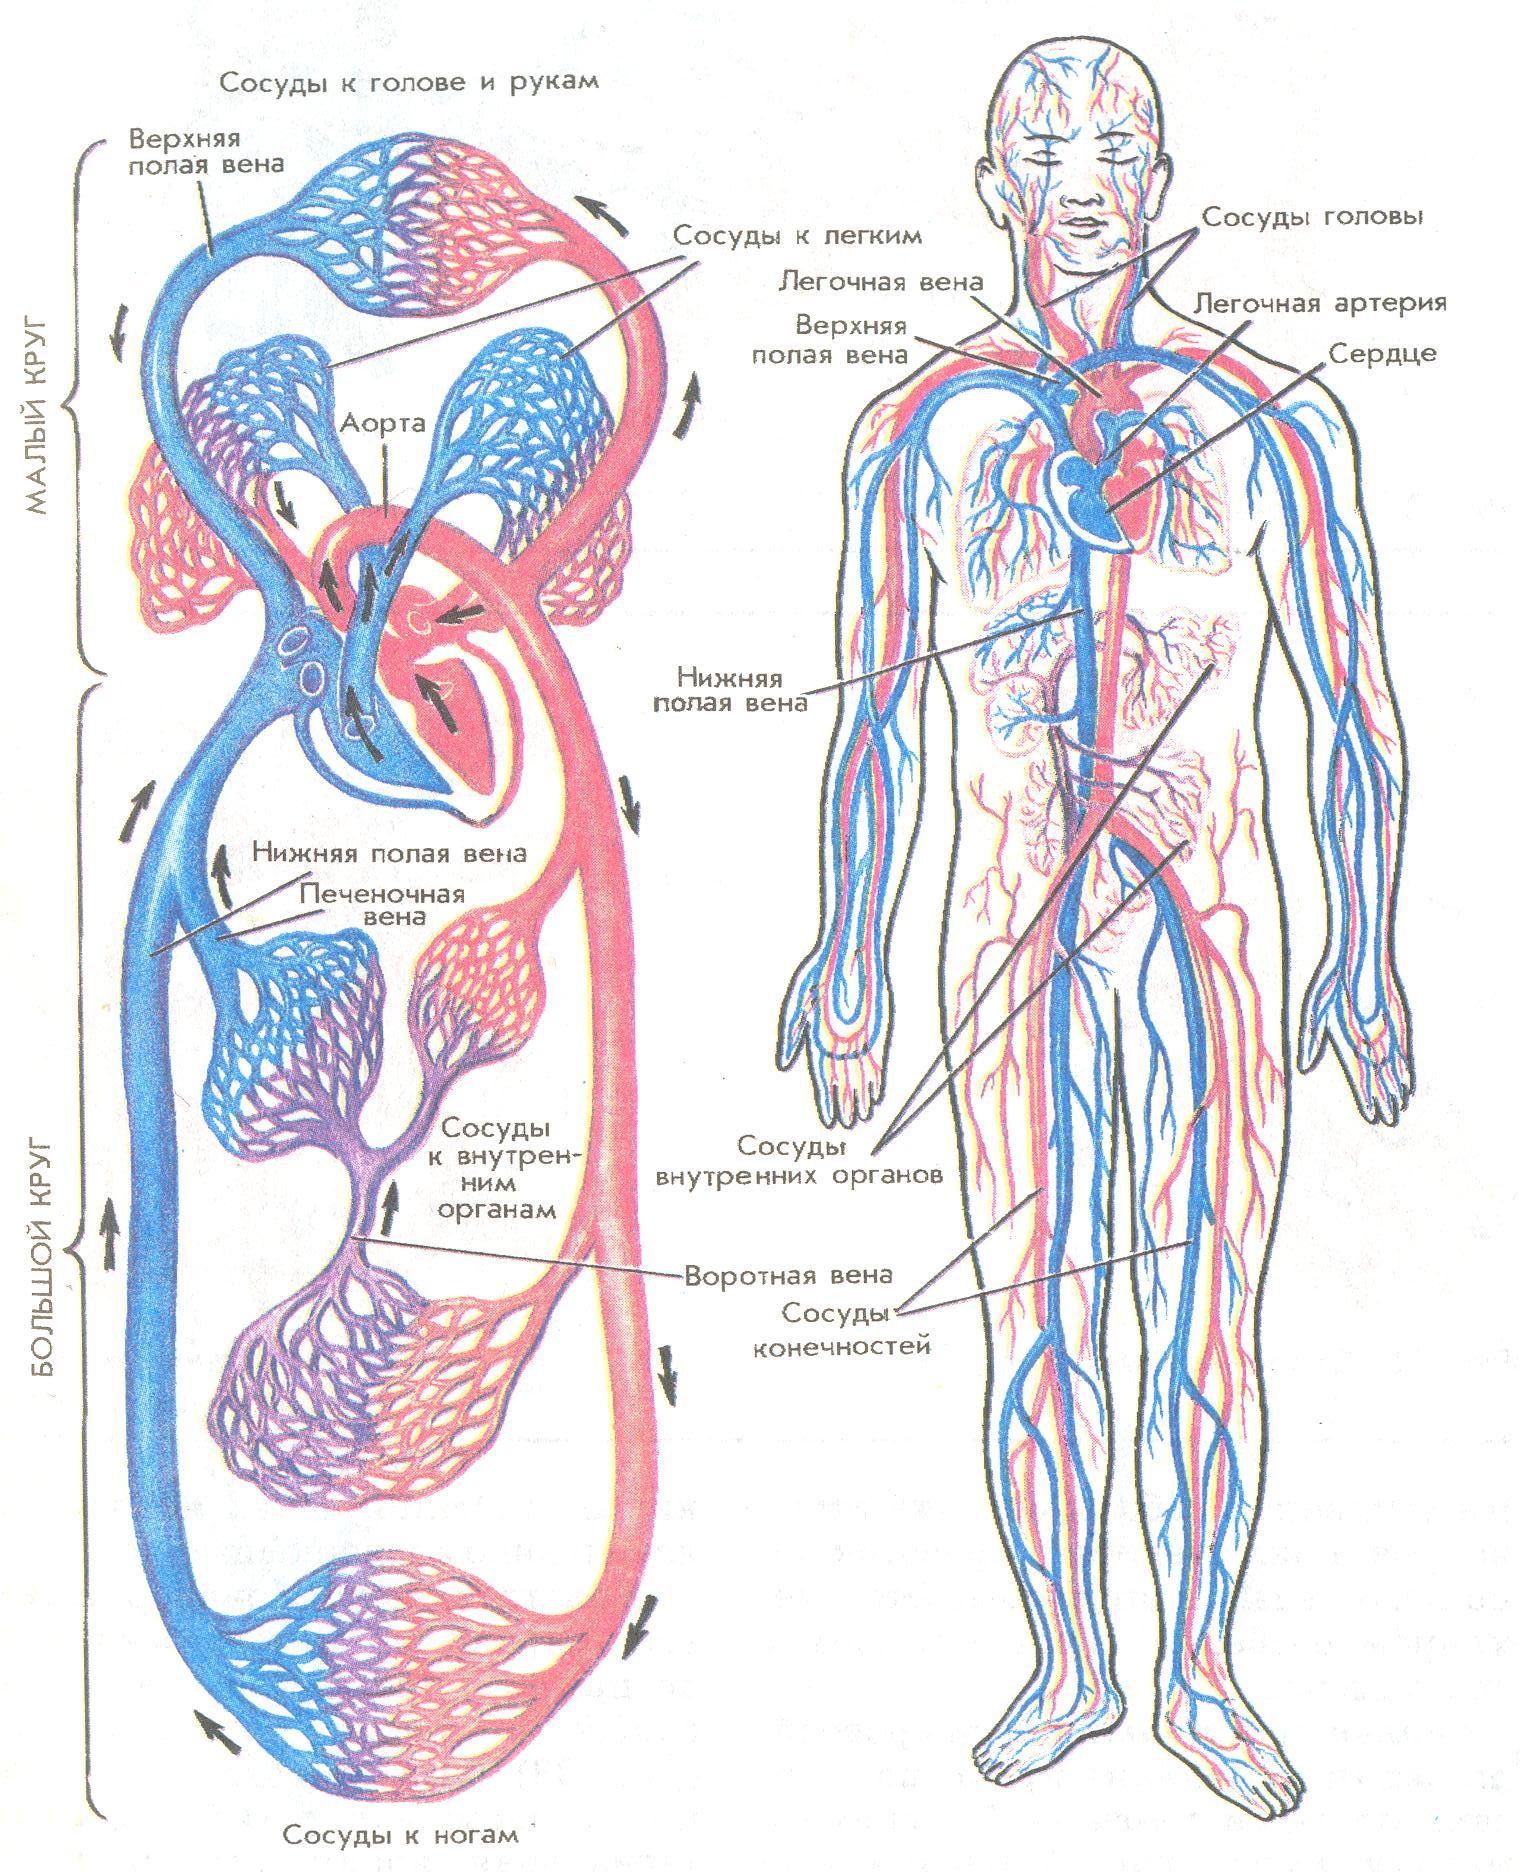 электрические схема кровообращения в картинках поставить